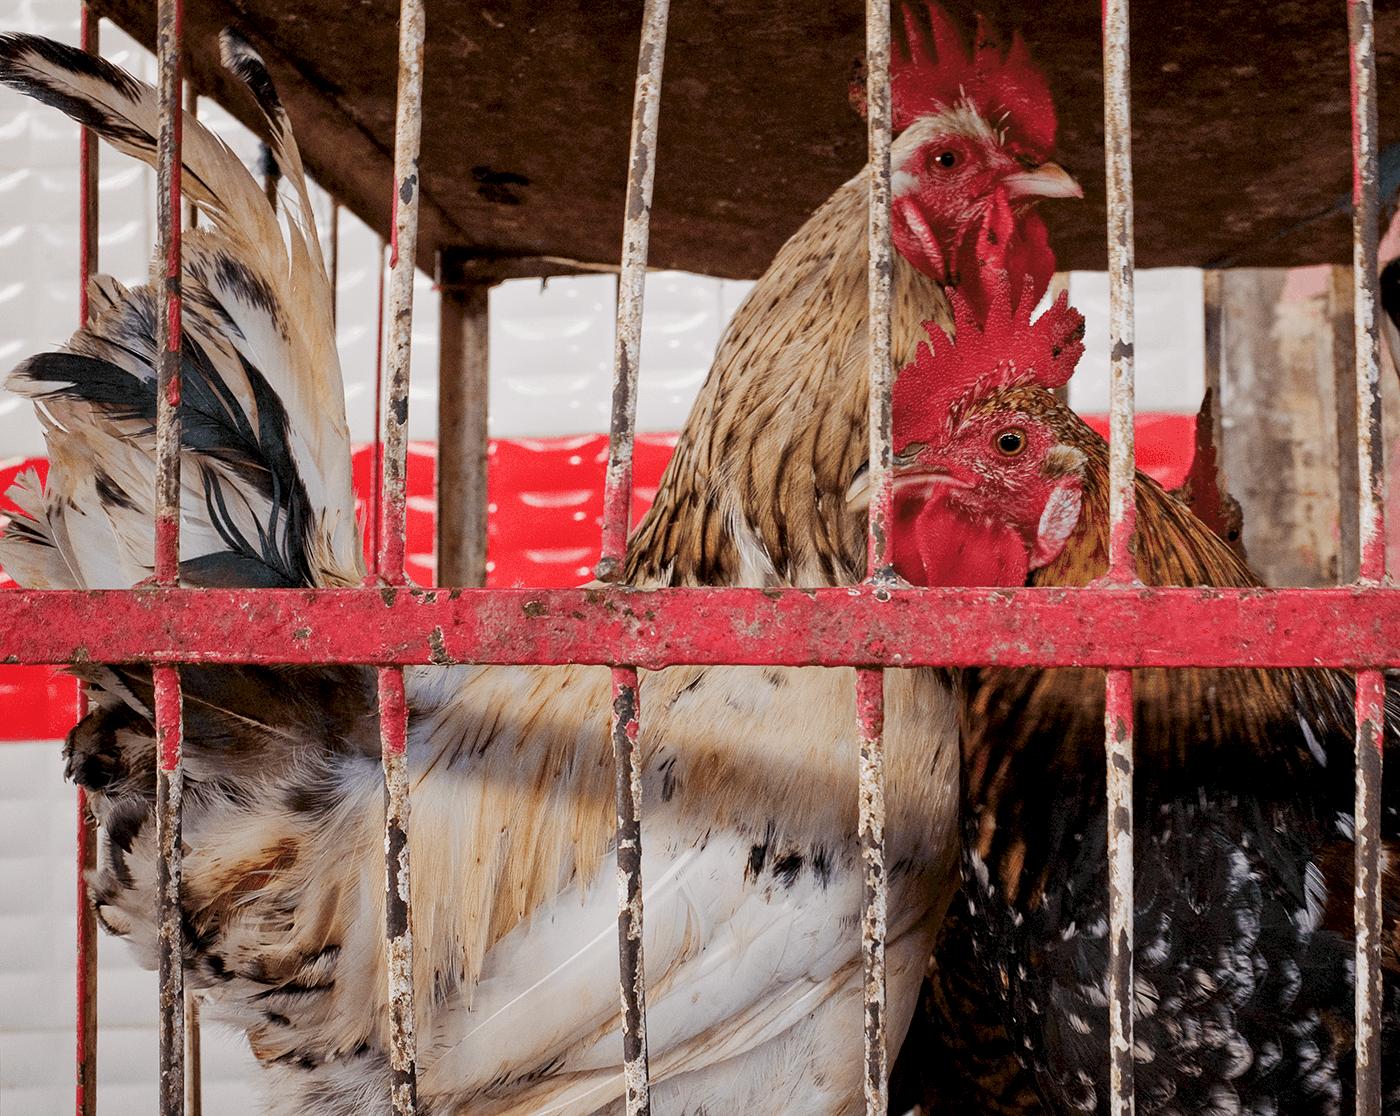 Captive chickens -  Fes medina